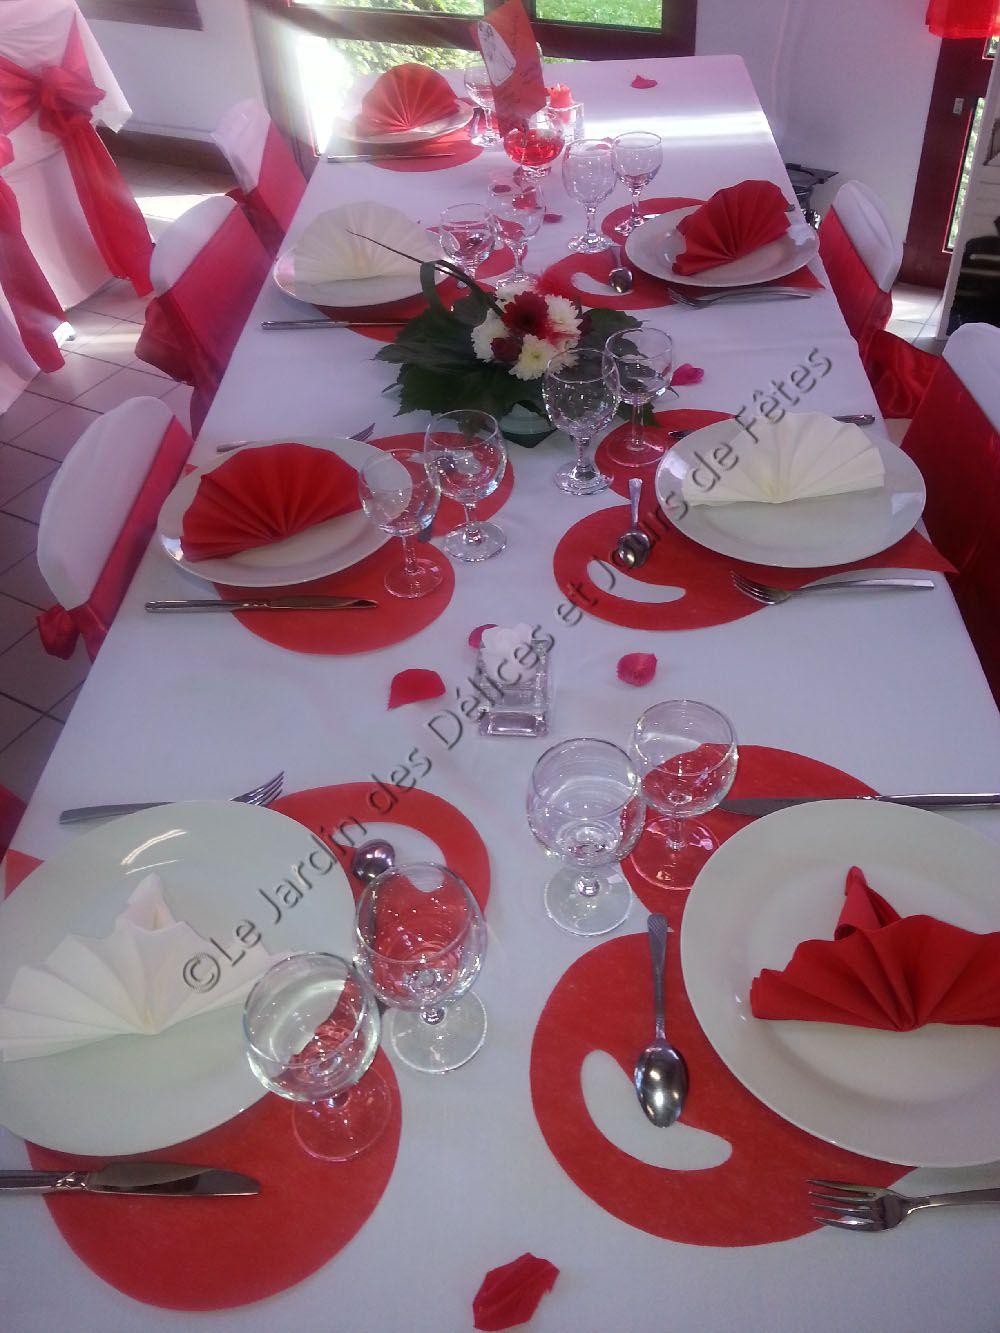 Decoration De Table Rouge Et Blanc #5: Afficher Lu0027image Du0027origine